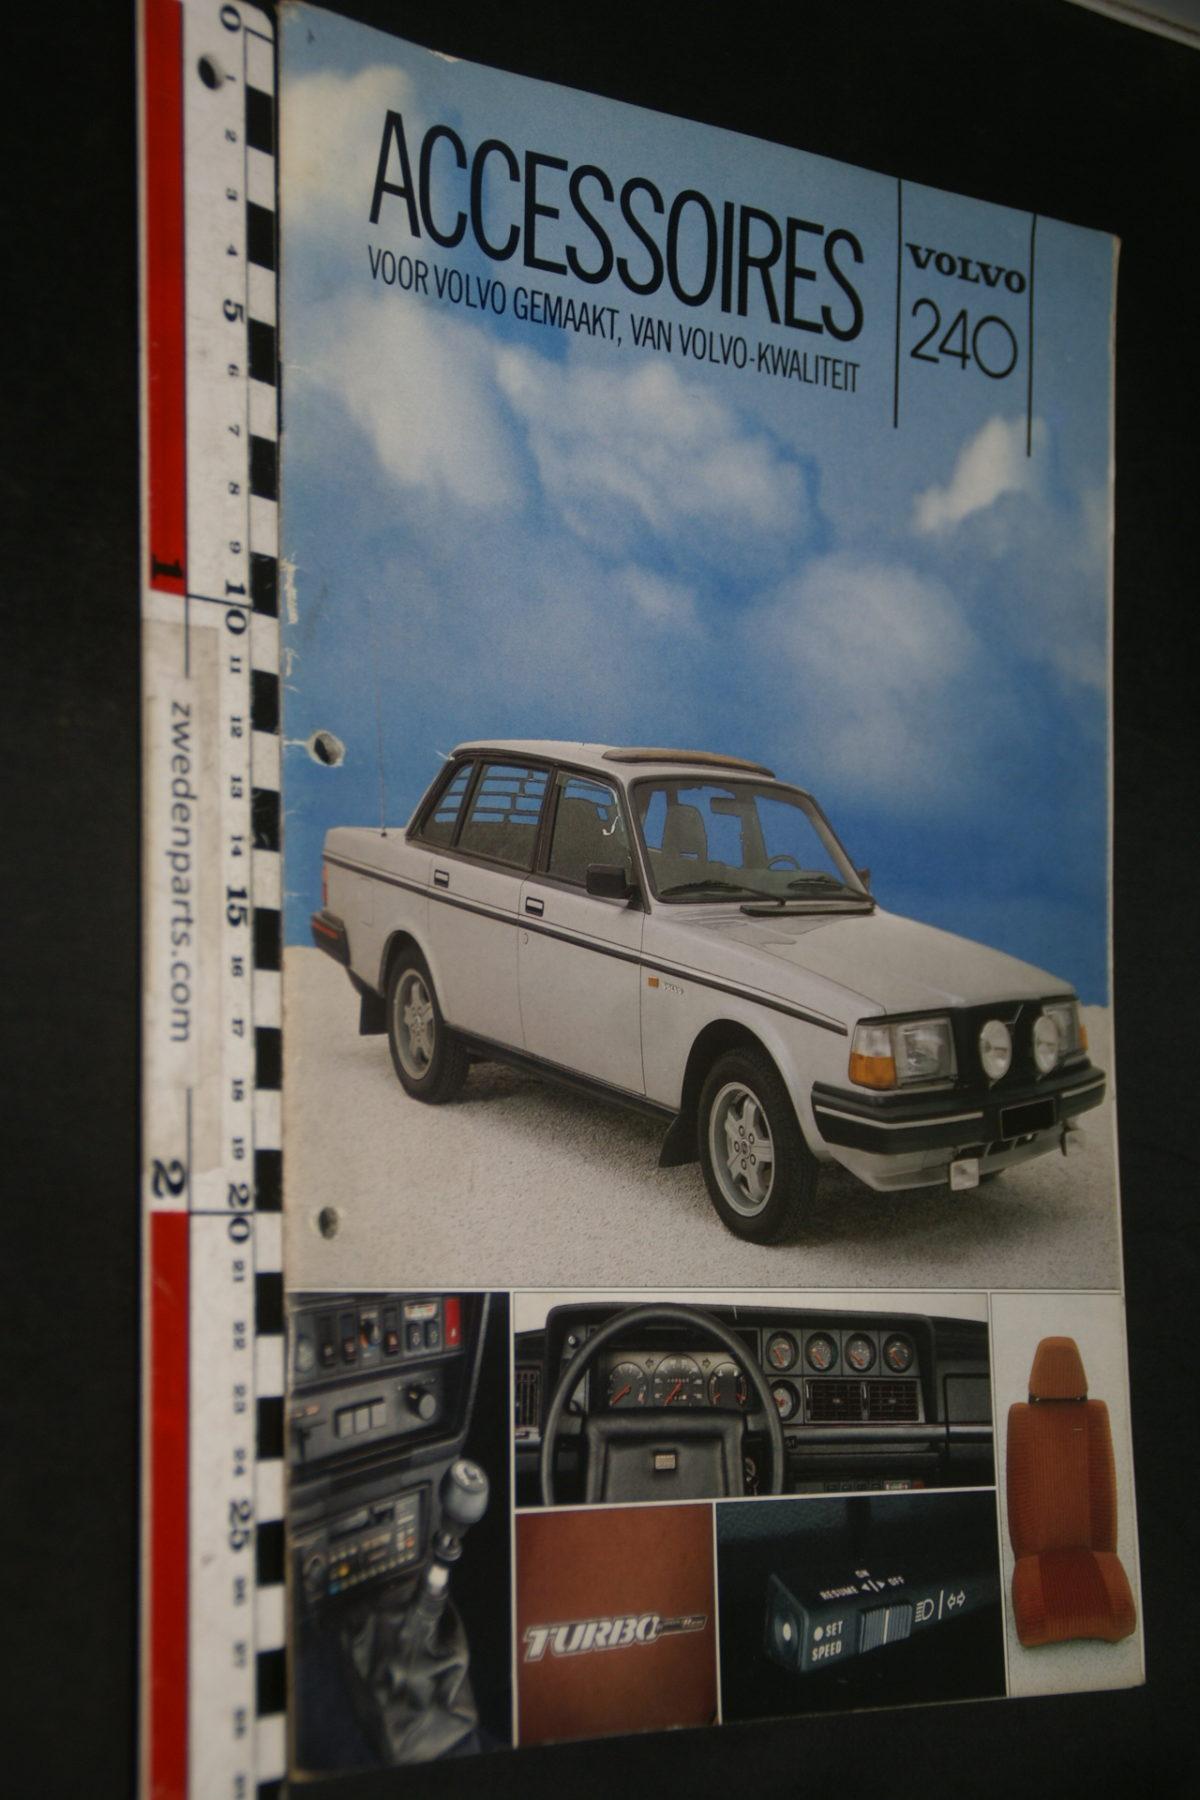 DSC07956 1983 brochure Volvo 240 accessoires nr RSP 39271